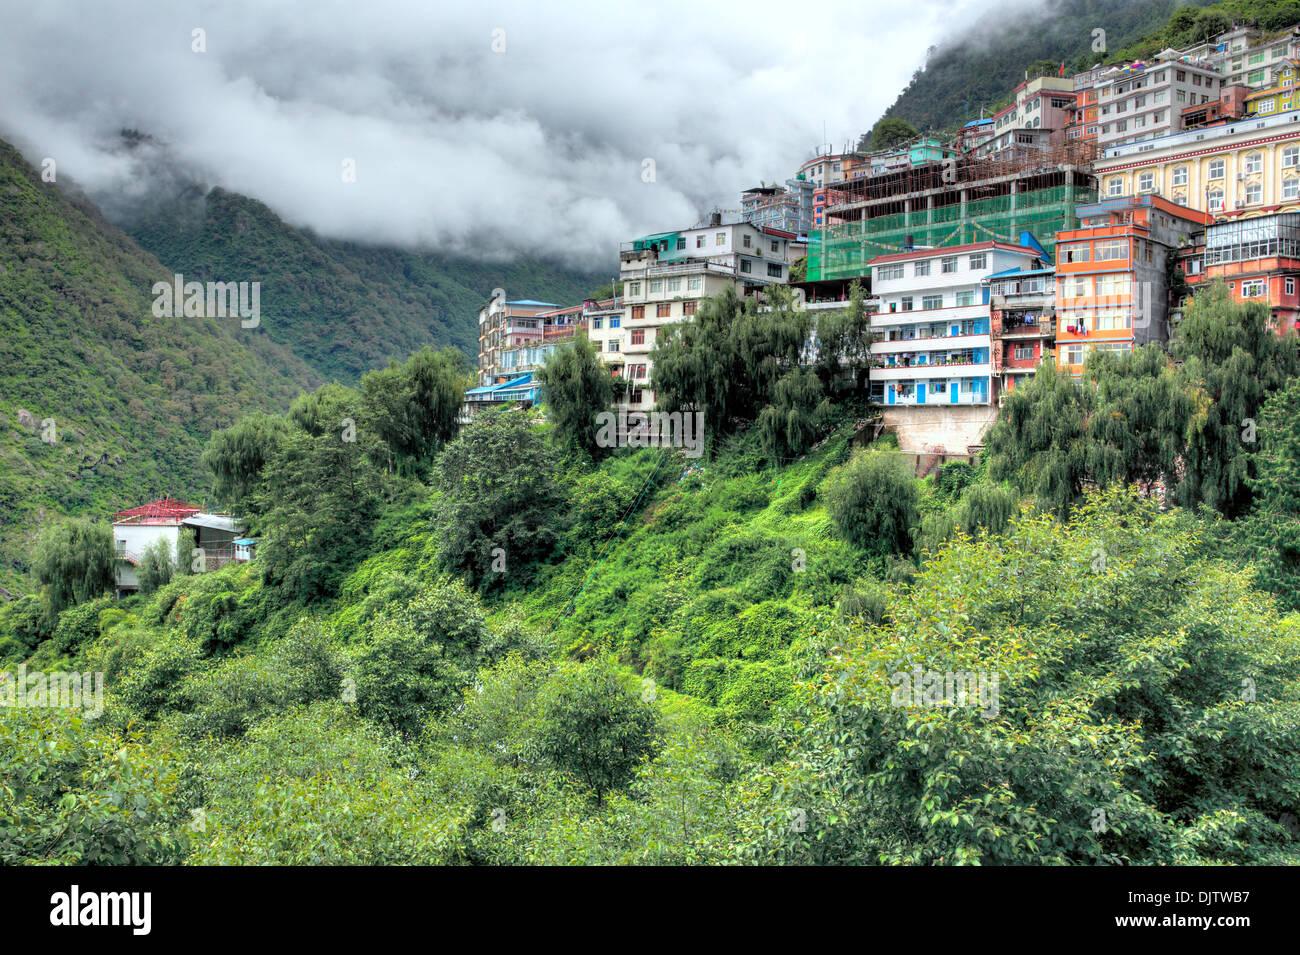 Zhangmu town, Tibet, China - Stock Image